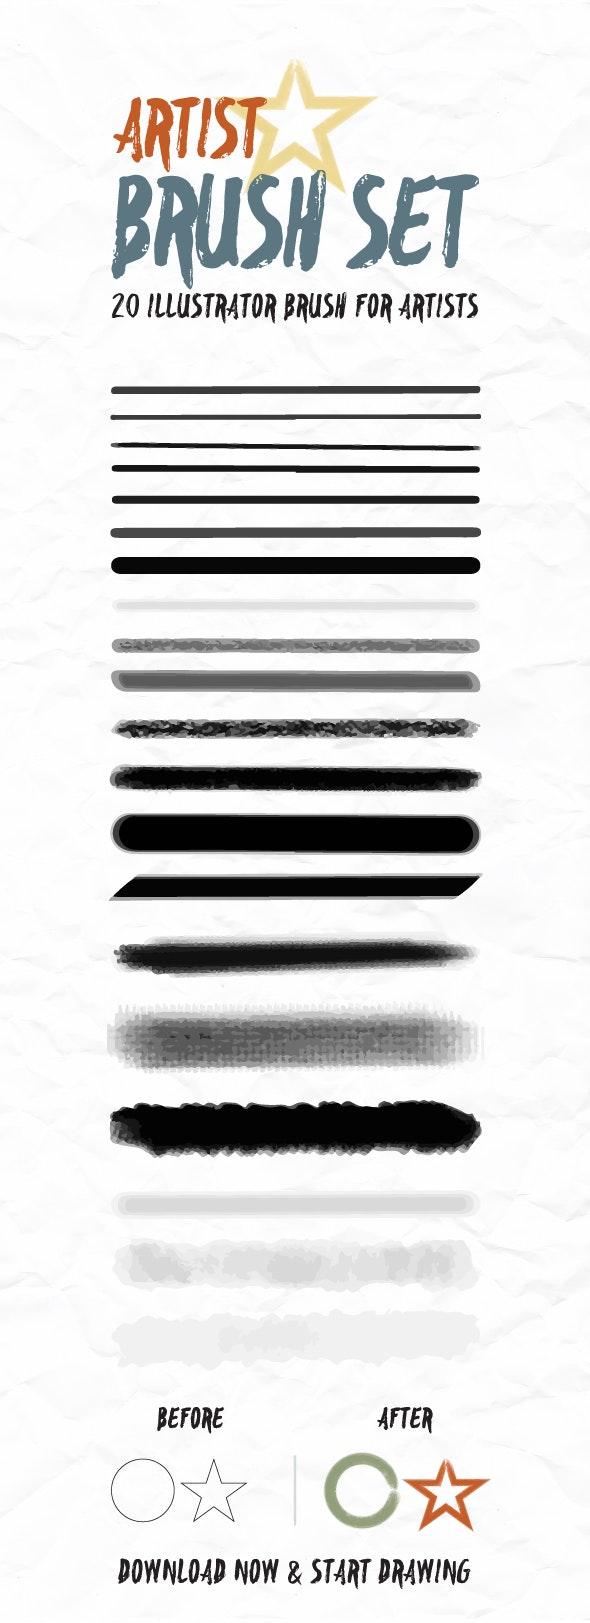 Artist Brush For Illustrator - Brushes Illustrator